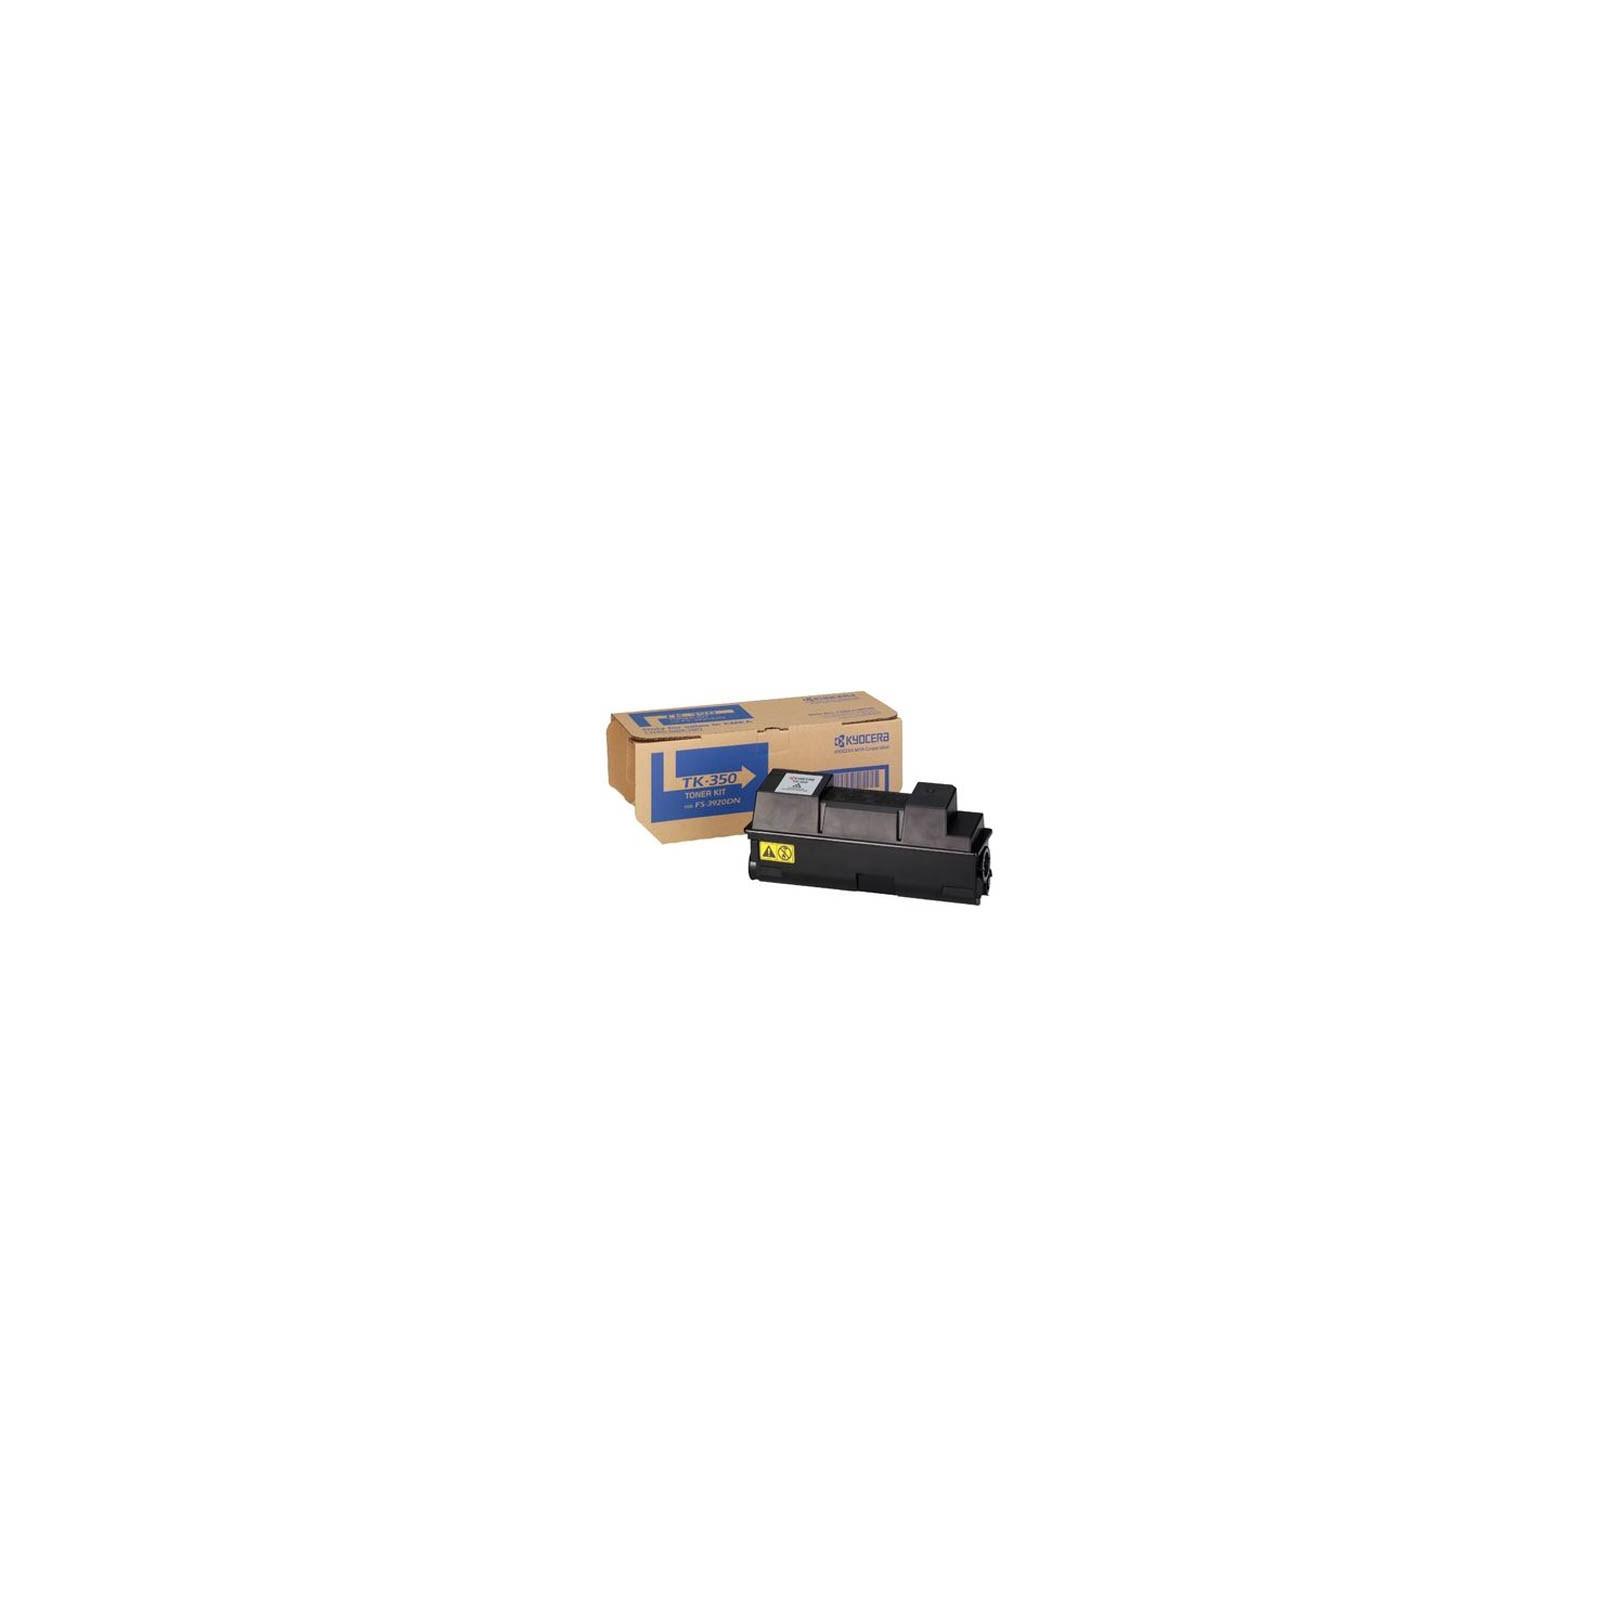 Тонер-картридж Kyocera TK-350 (Для FS-3920) 15K (1T02LX0NLC)